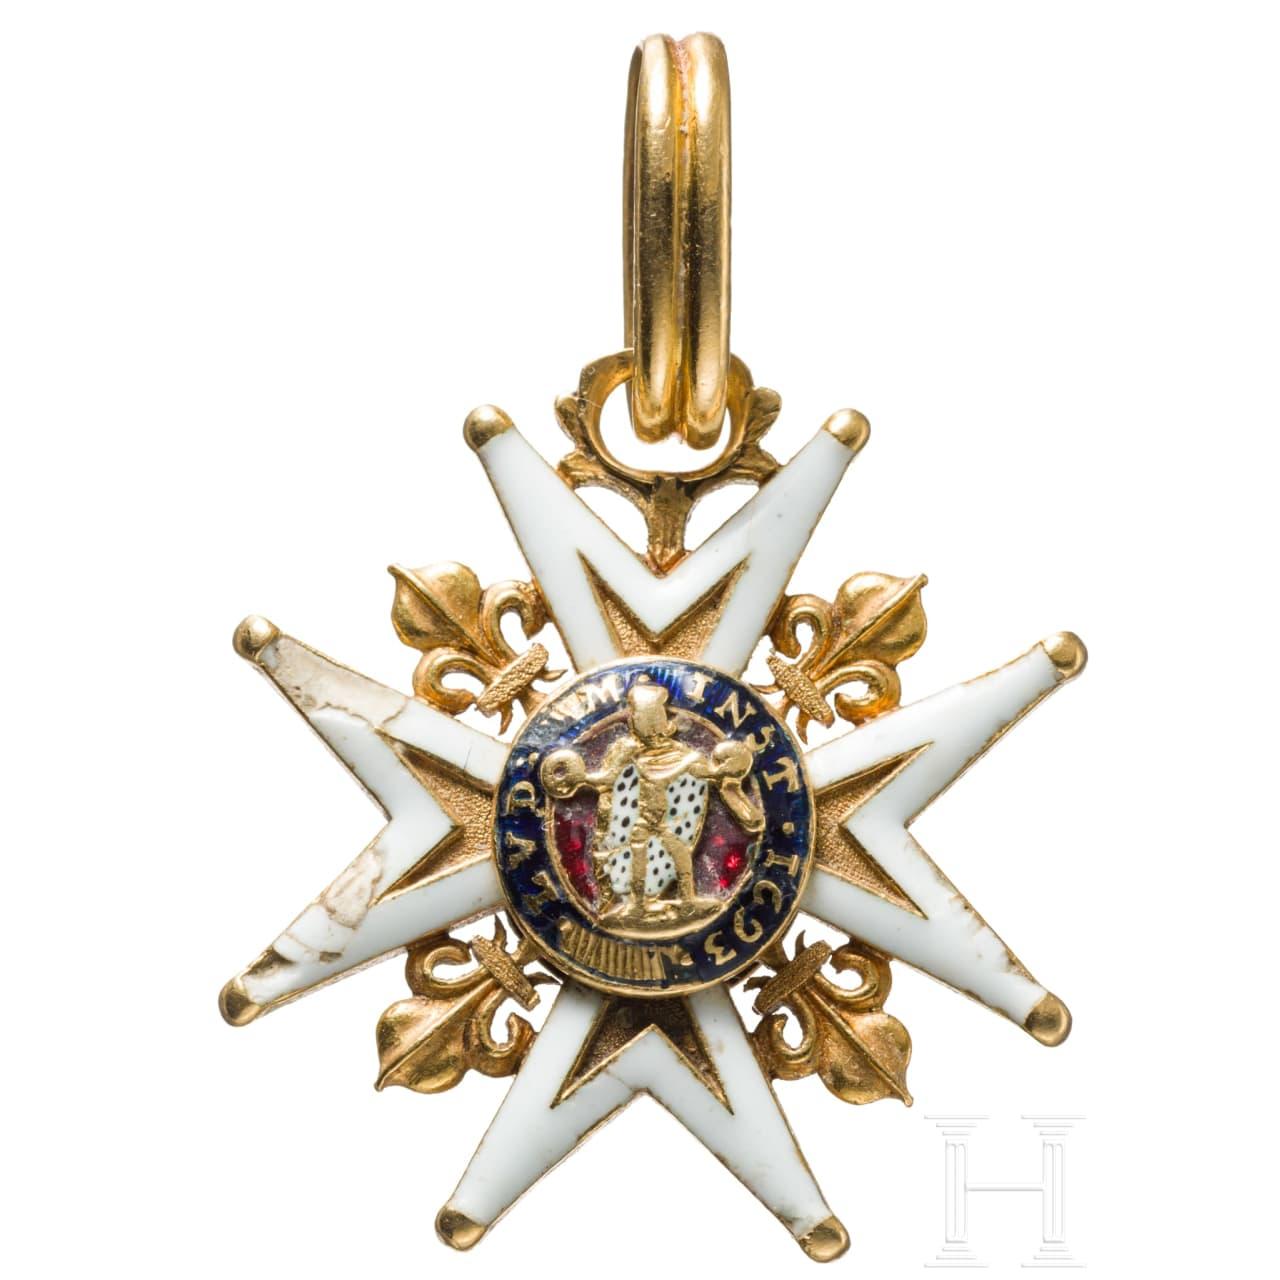 Ordre Royal et Militaire de Saint Louis - Kgl. und militärischer Orden vom Hl. Ludwig, Frankreich, um 1780